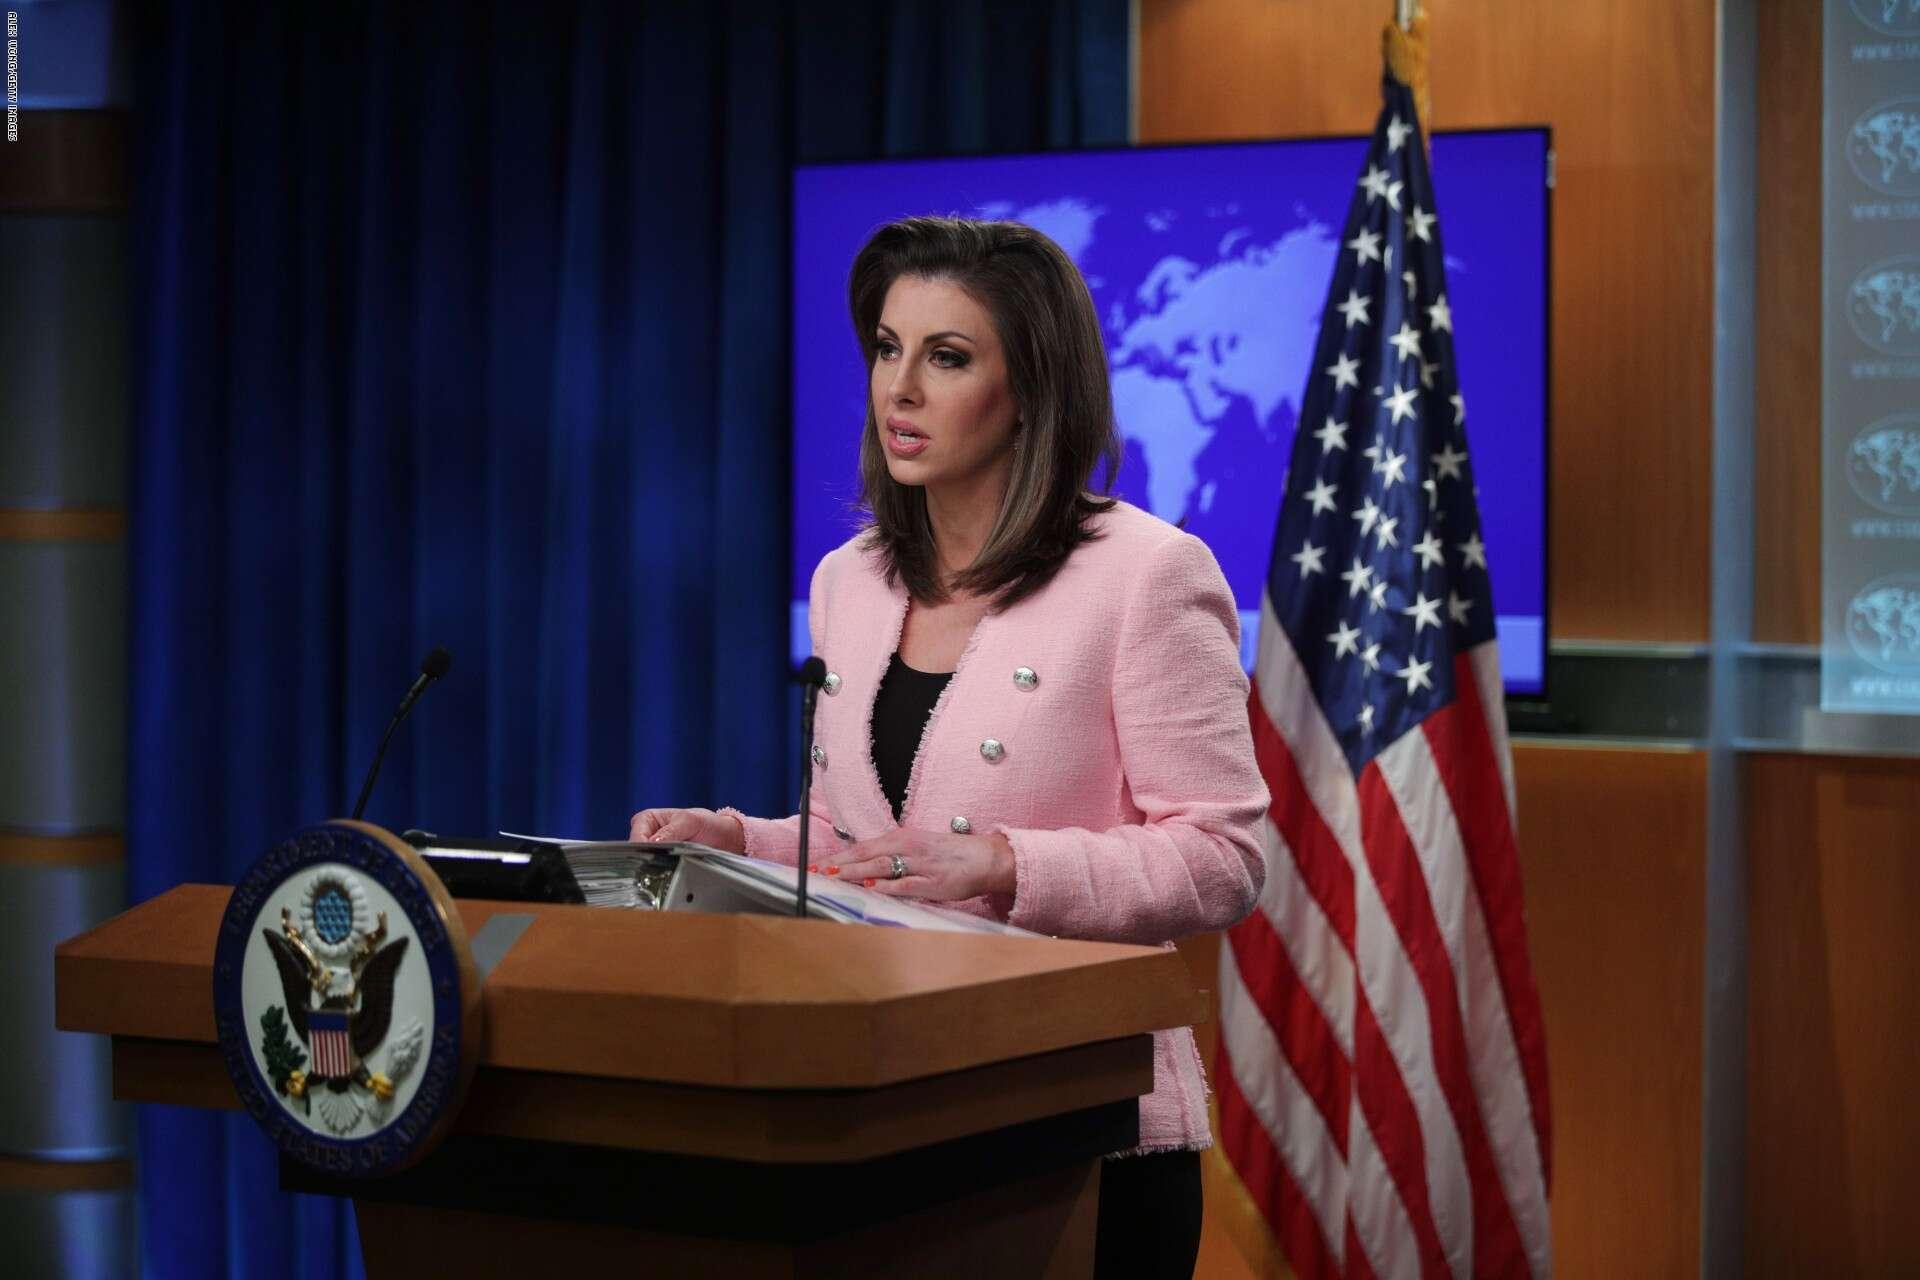 المتحدثة باسم الخارجية الأميركية مورغان أورتاغوس